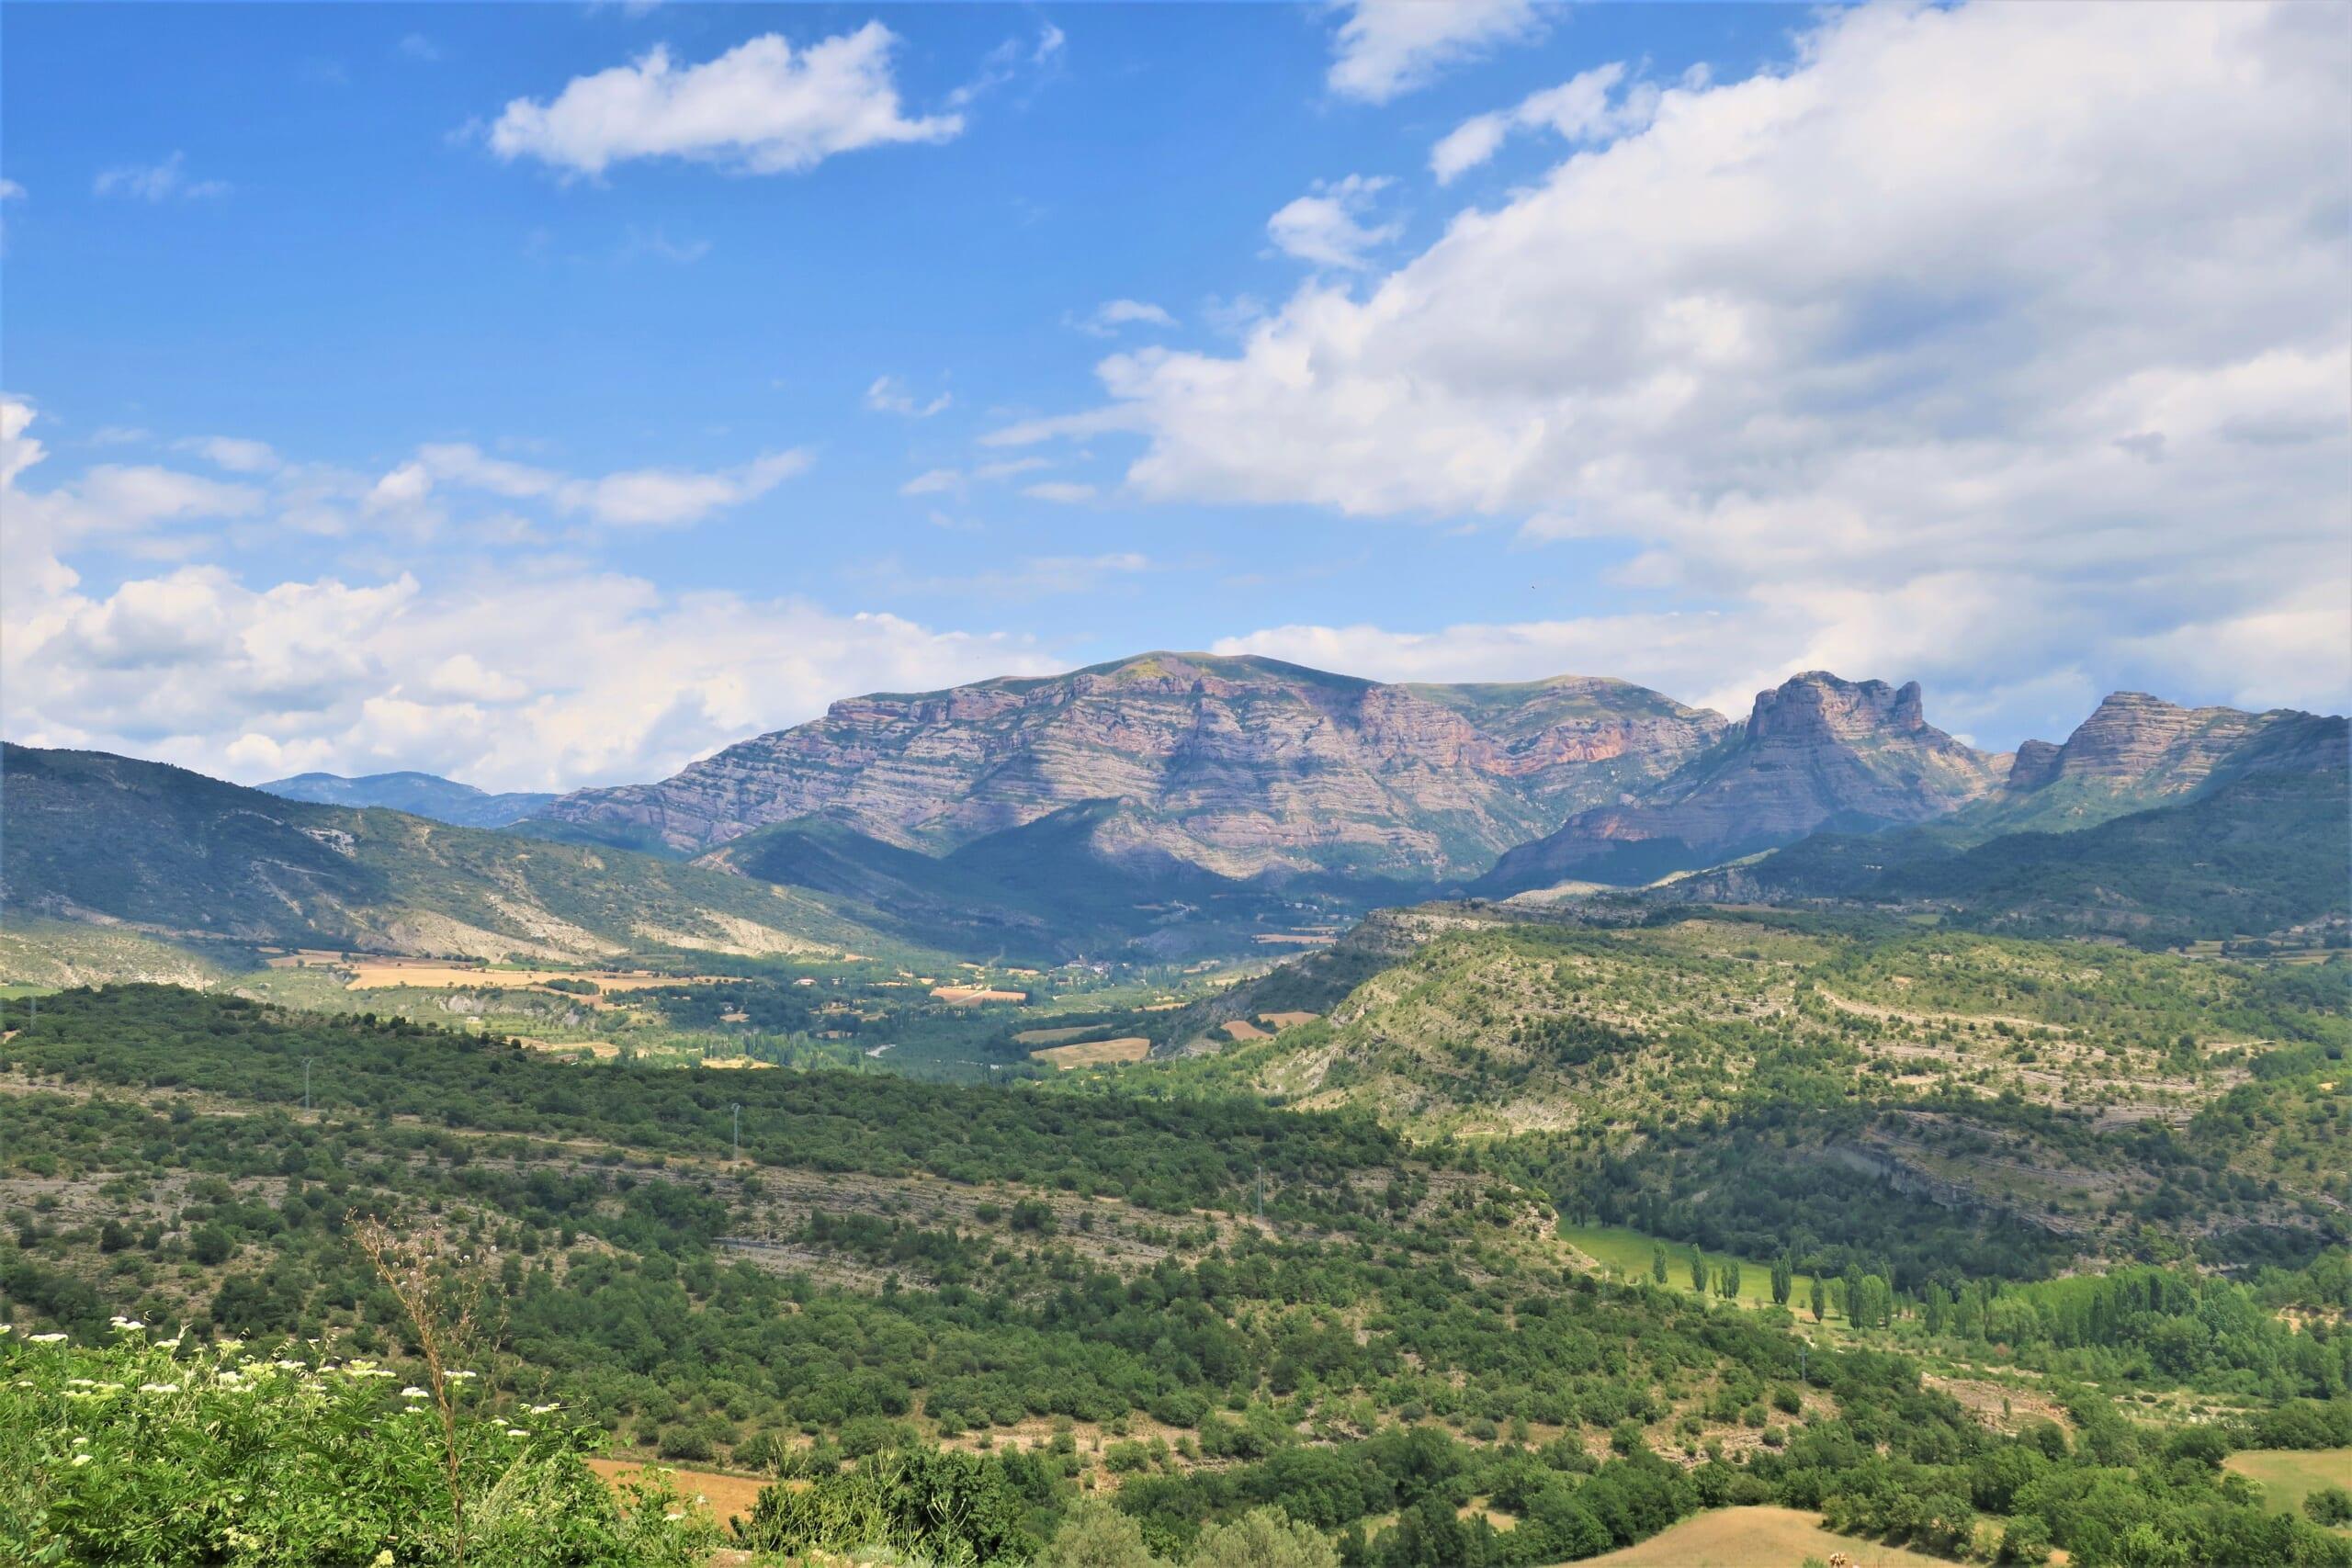 北スペインの観光スポットであるピレネー山脈